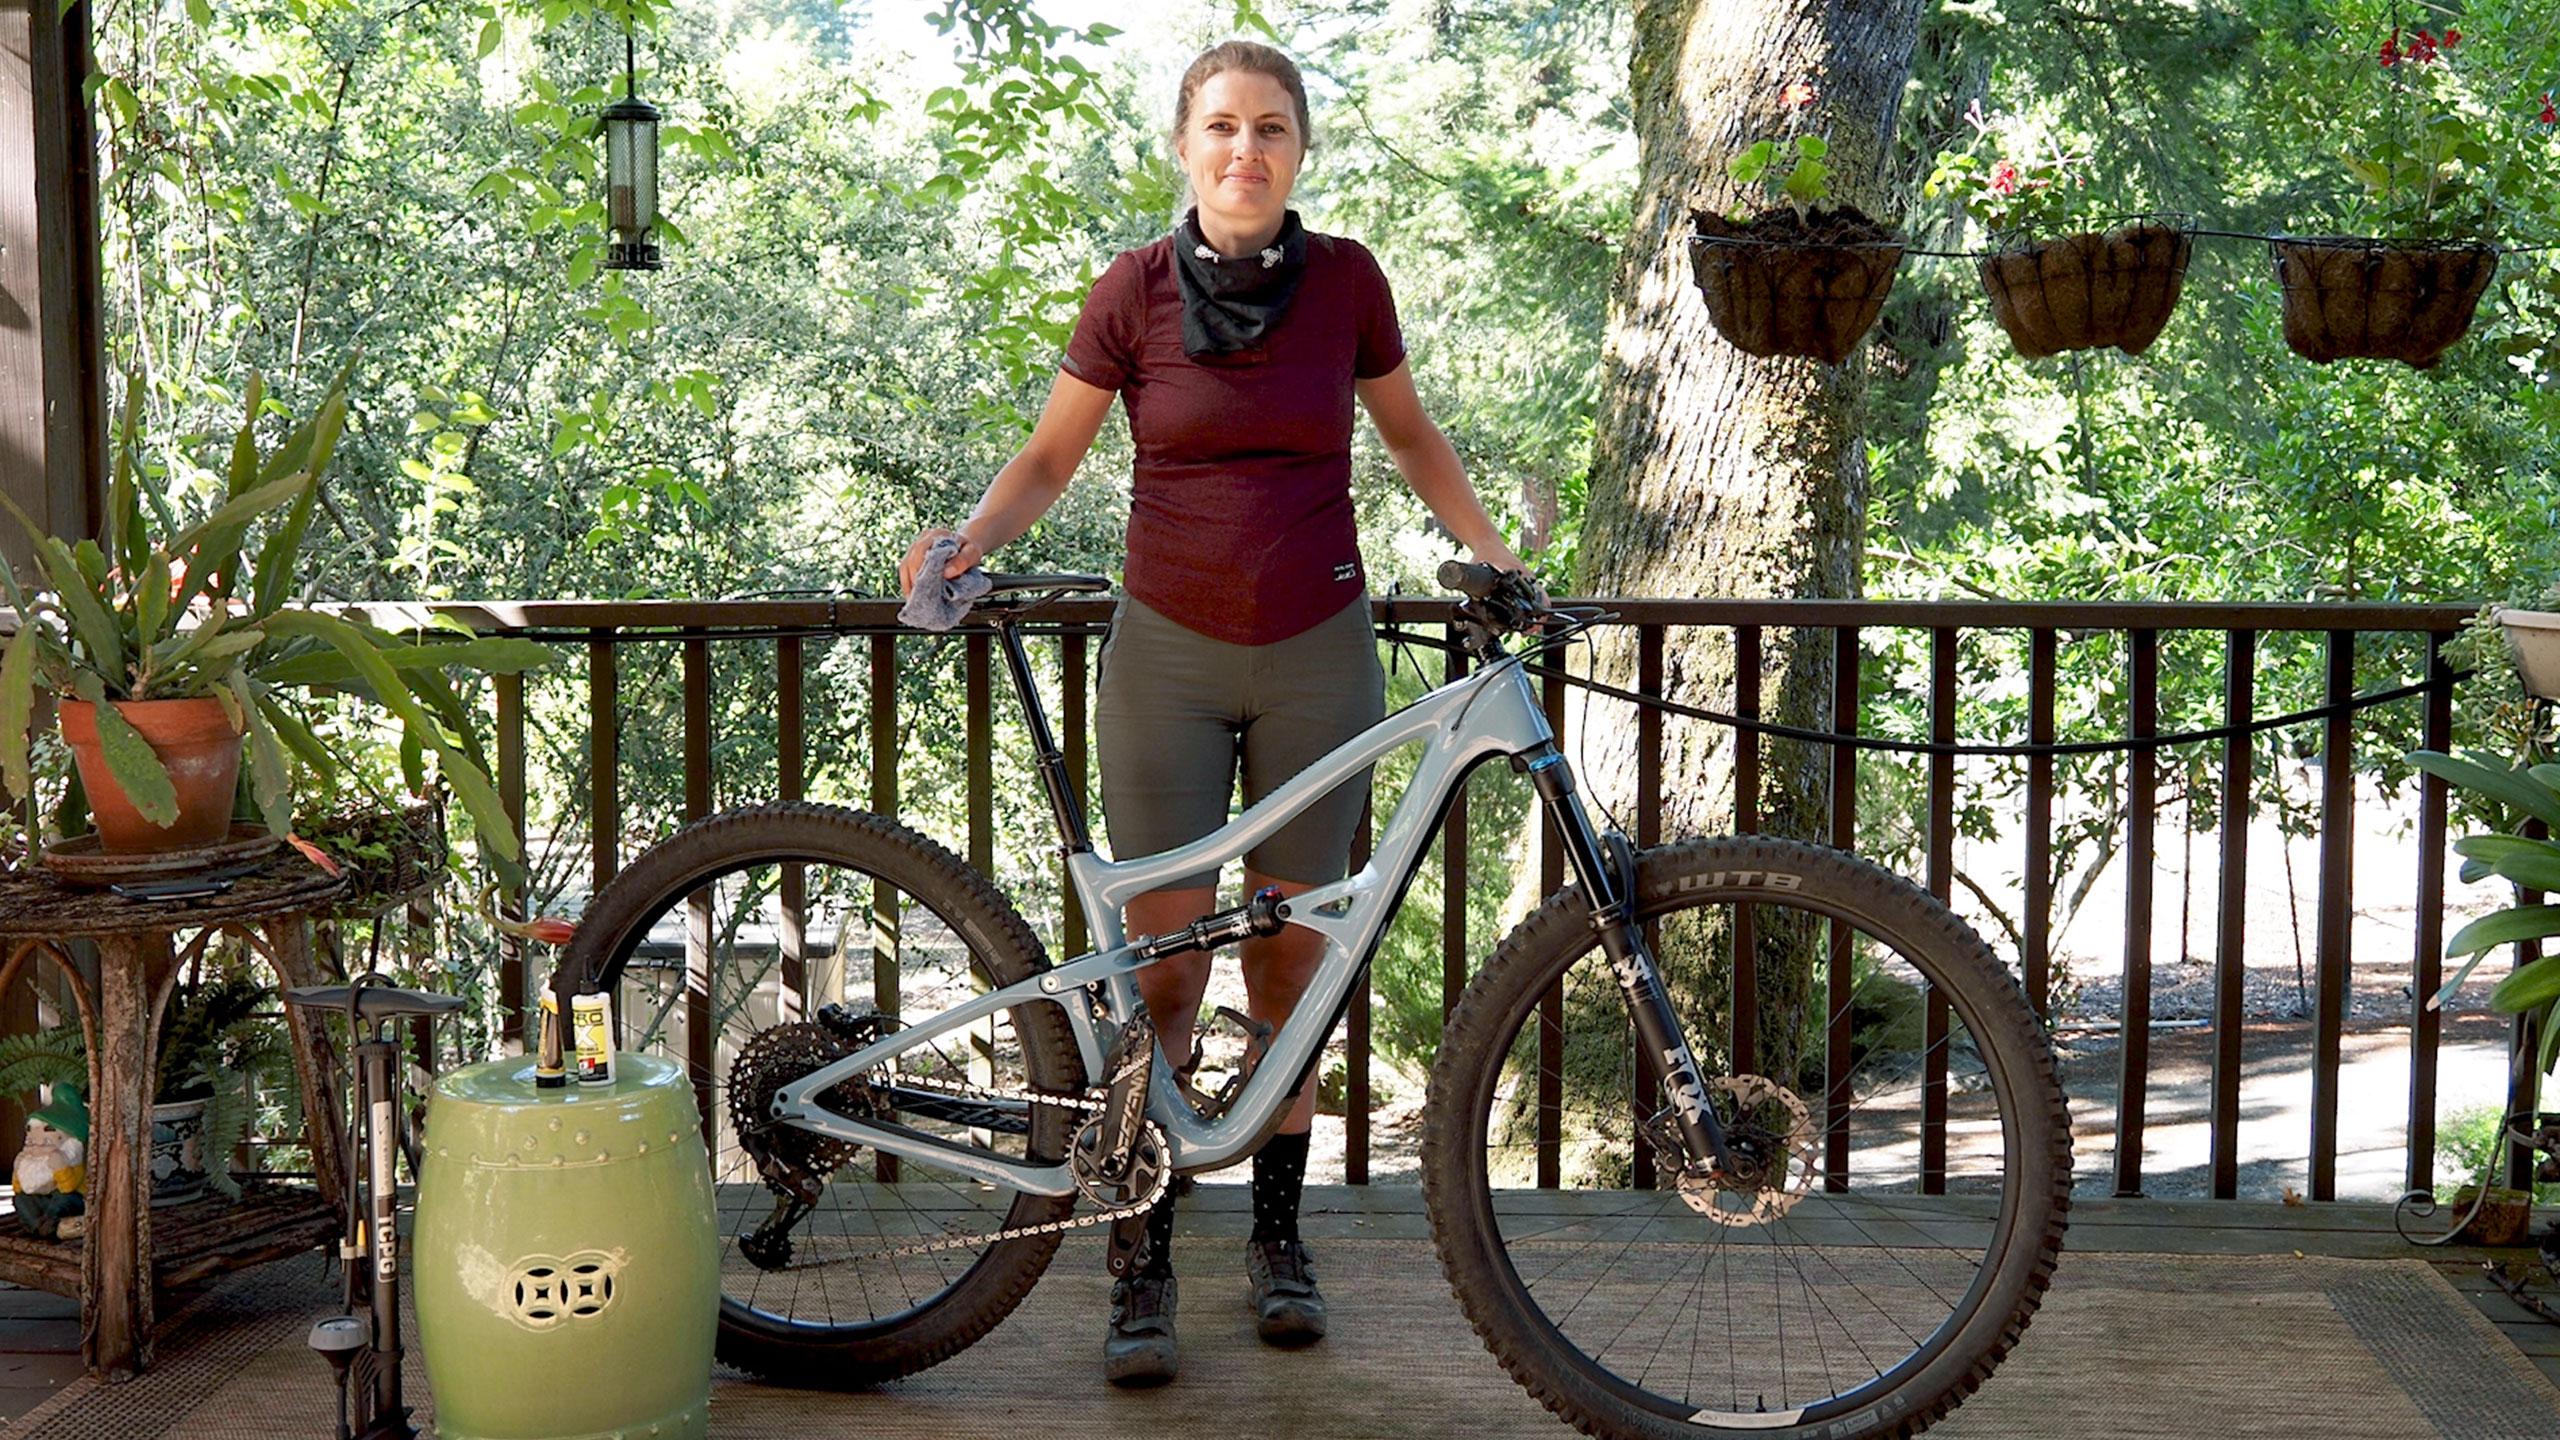 Pre-Shred Bike Check